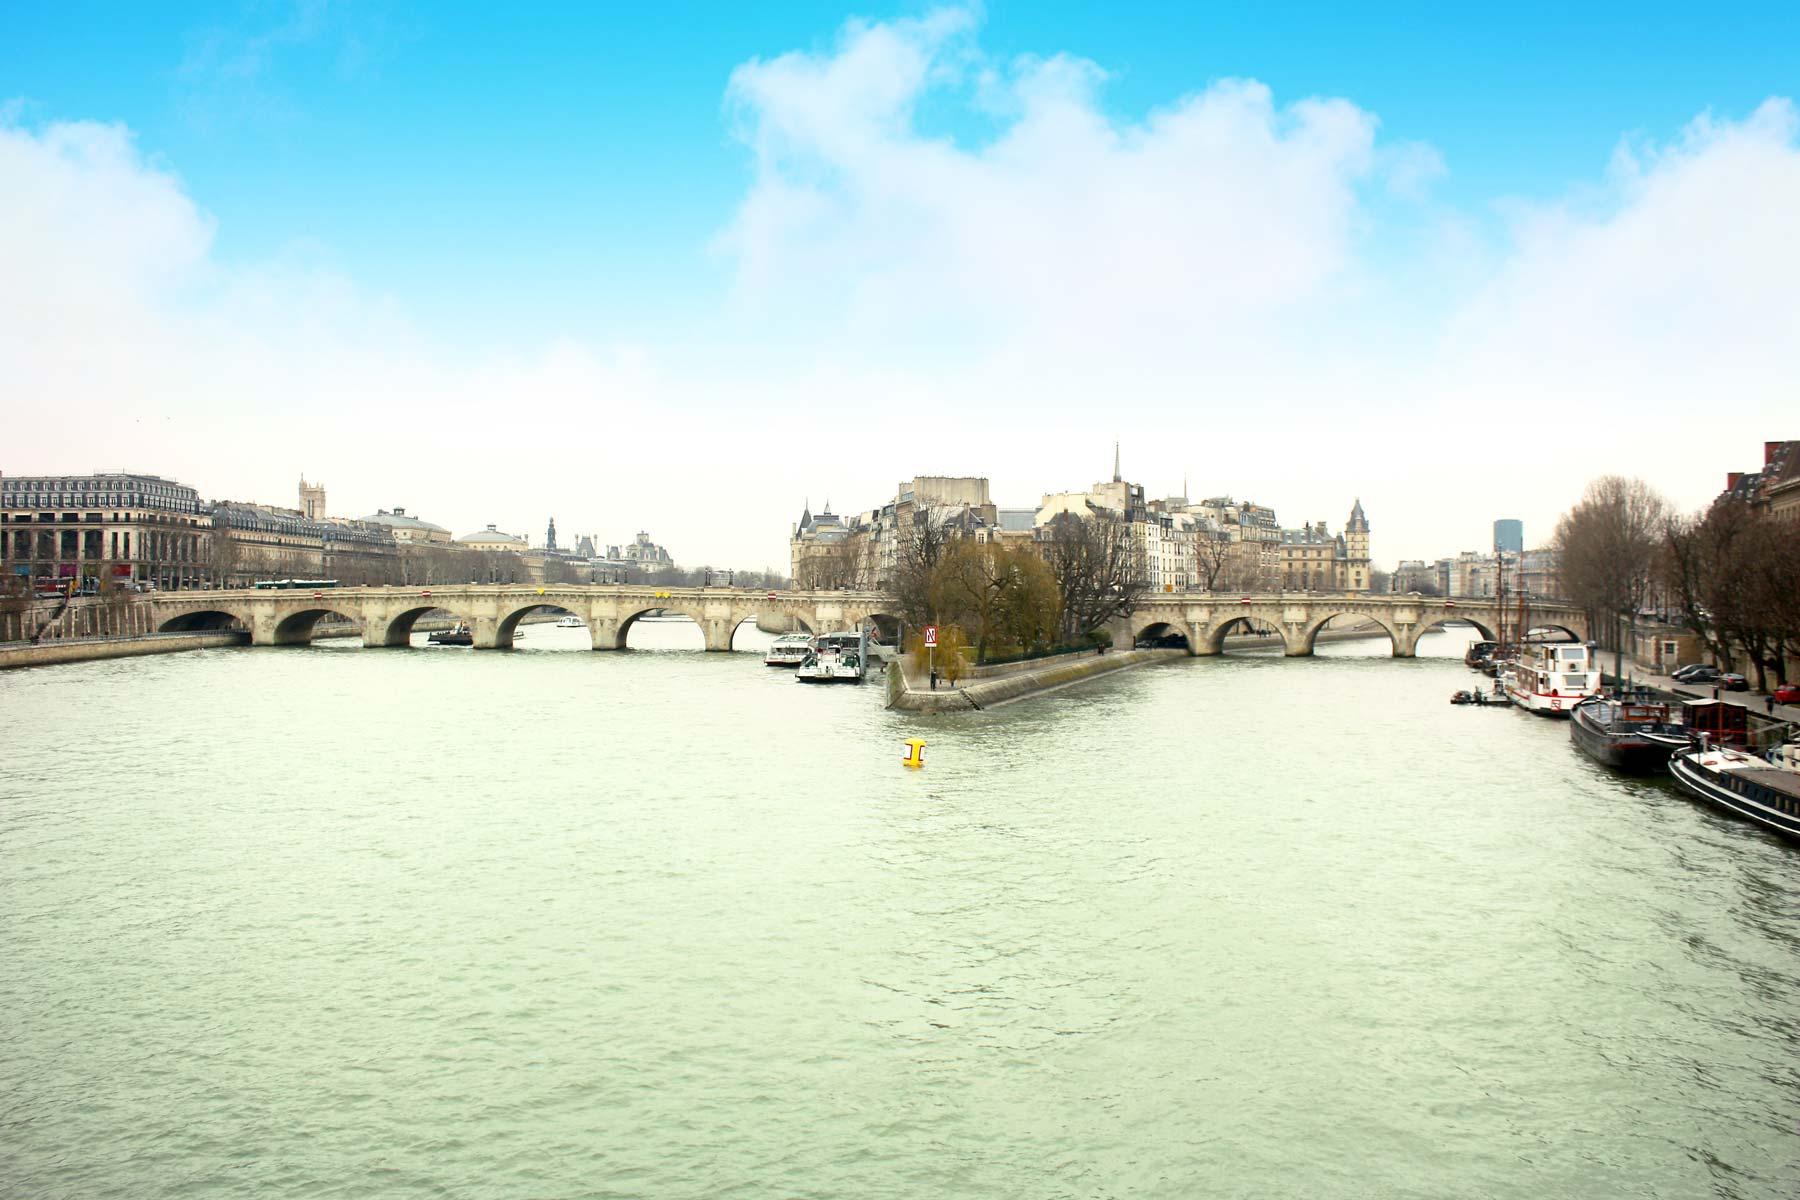 parizs2.jpg